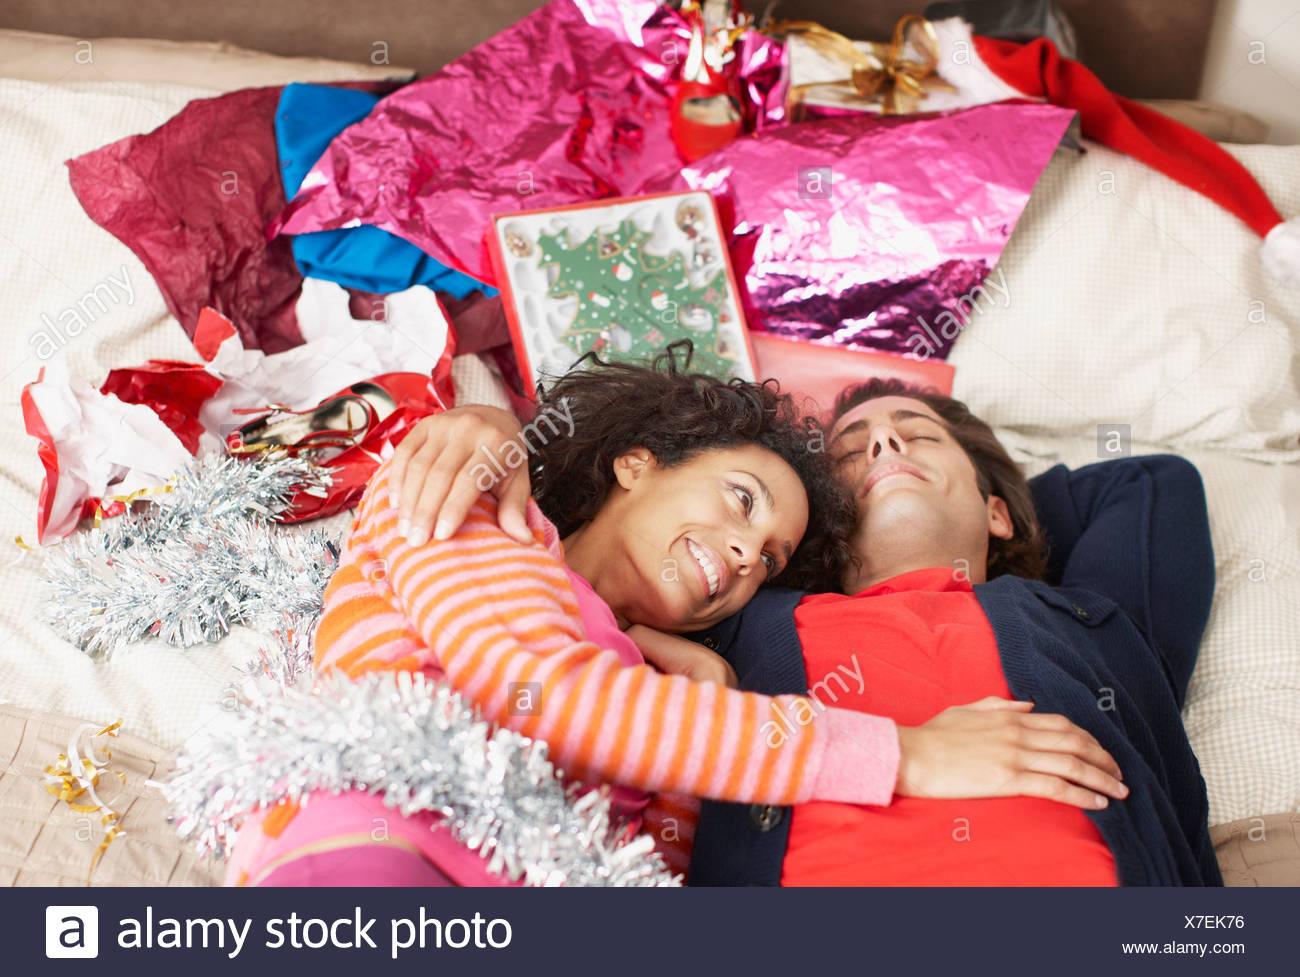 Paar auf dem Bett mit Weihnachtsgeschenke umarmt Stockfoto, Bild ...